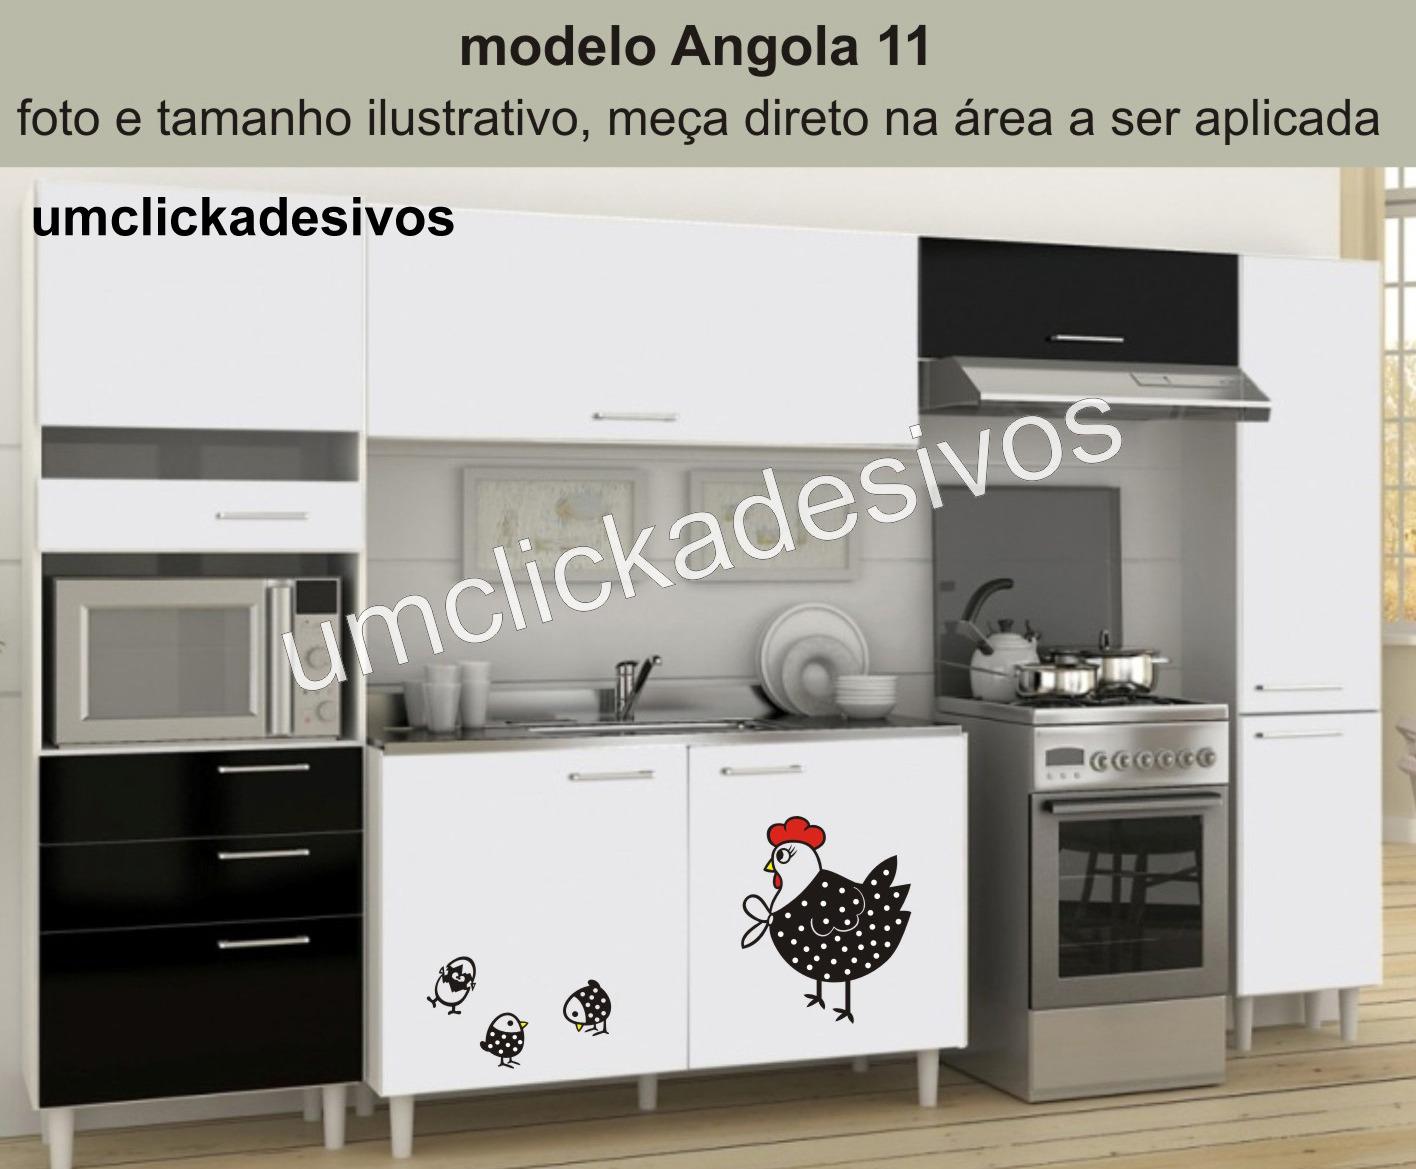 Adesivo Cozinha Galinha Angola 11 Adesivo Cozinha Galinha Angola 11